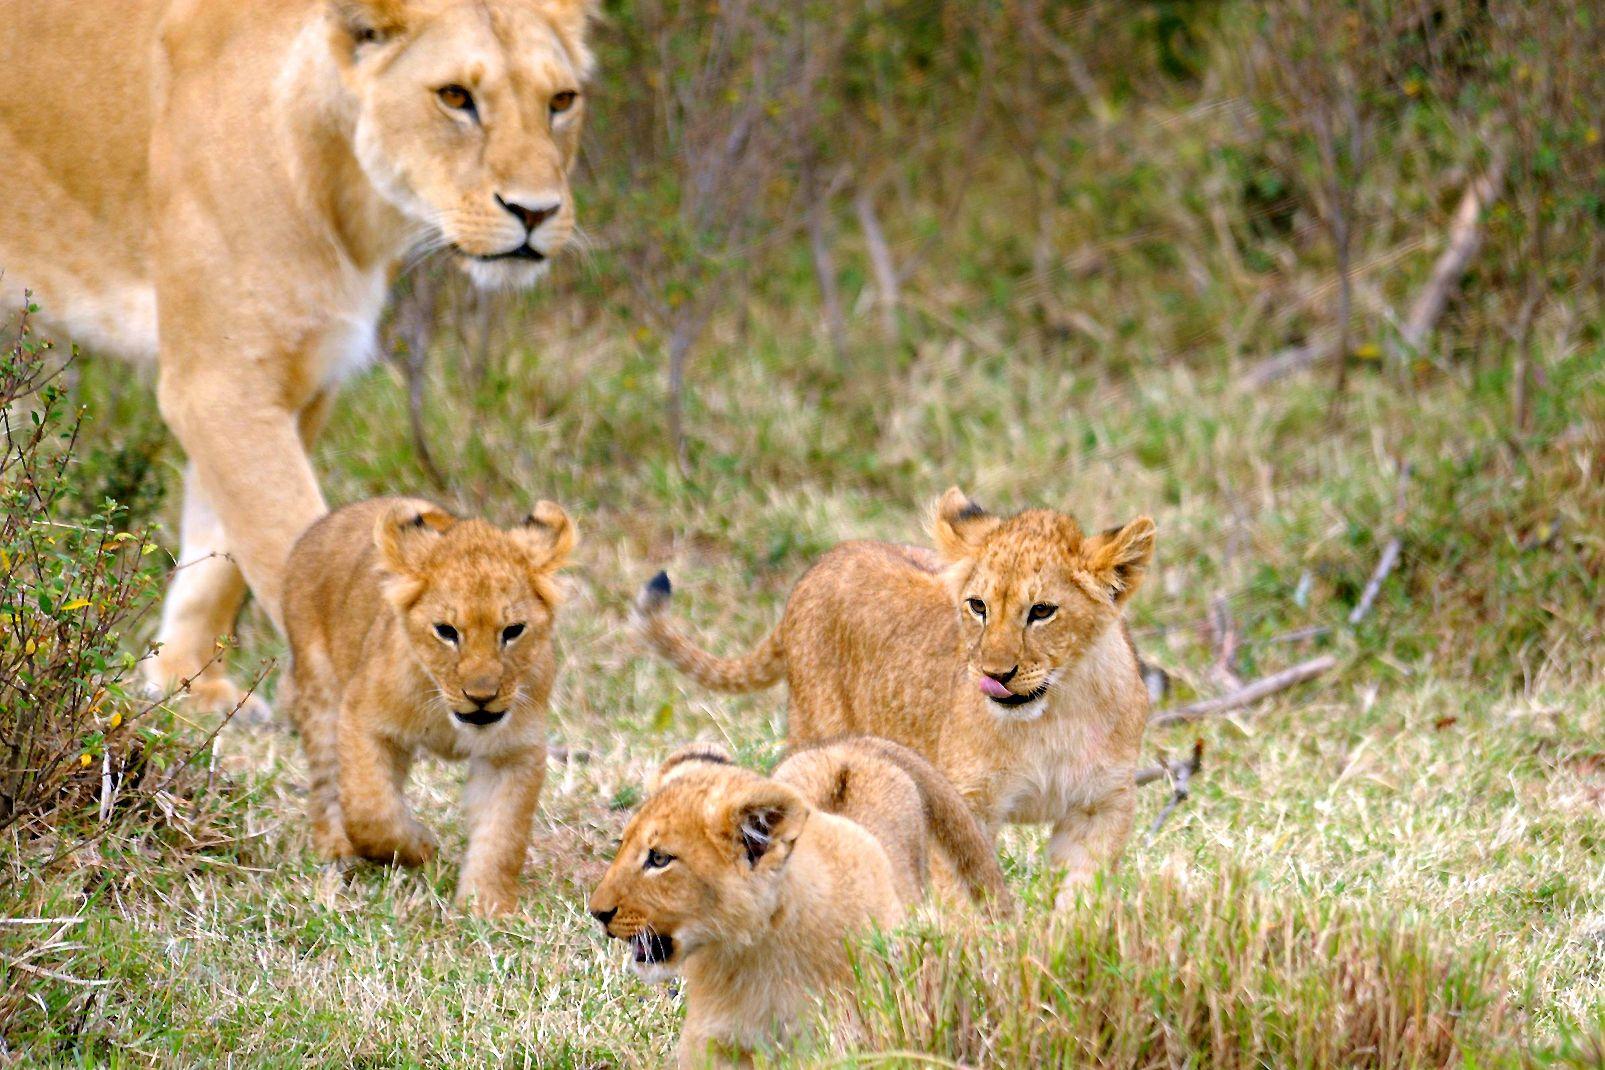 afrique, kenya, lionne, lionceau; mammifère